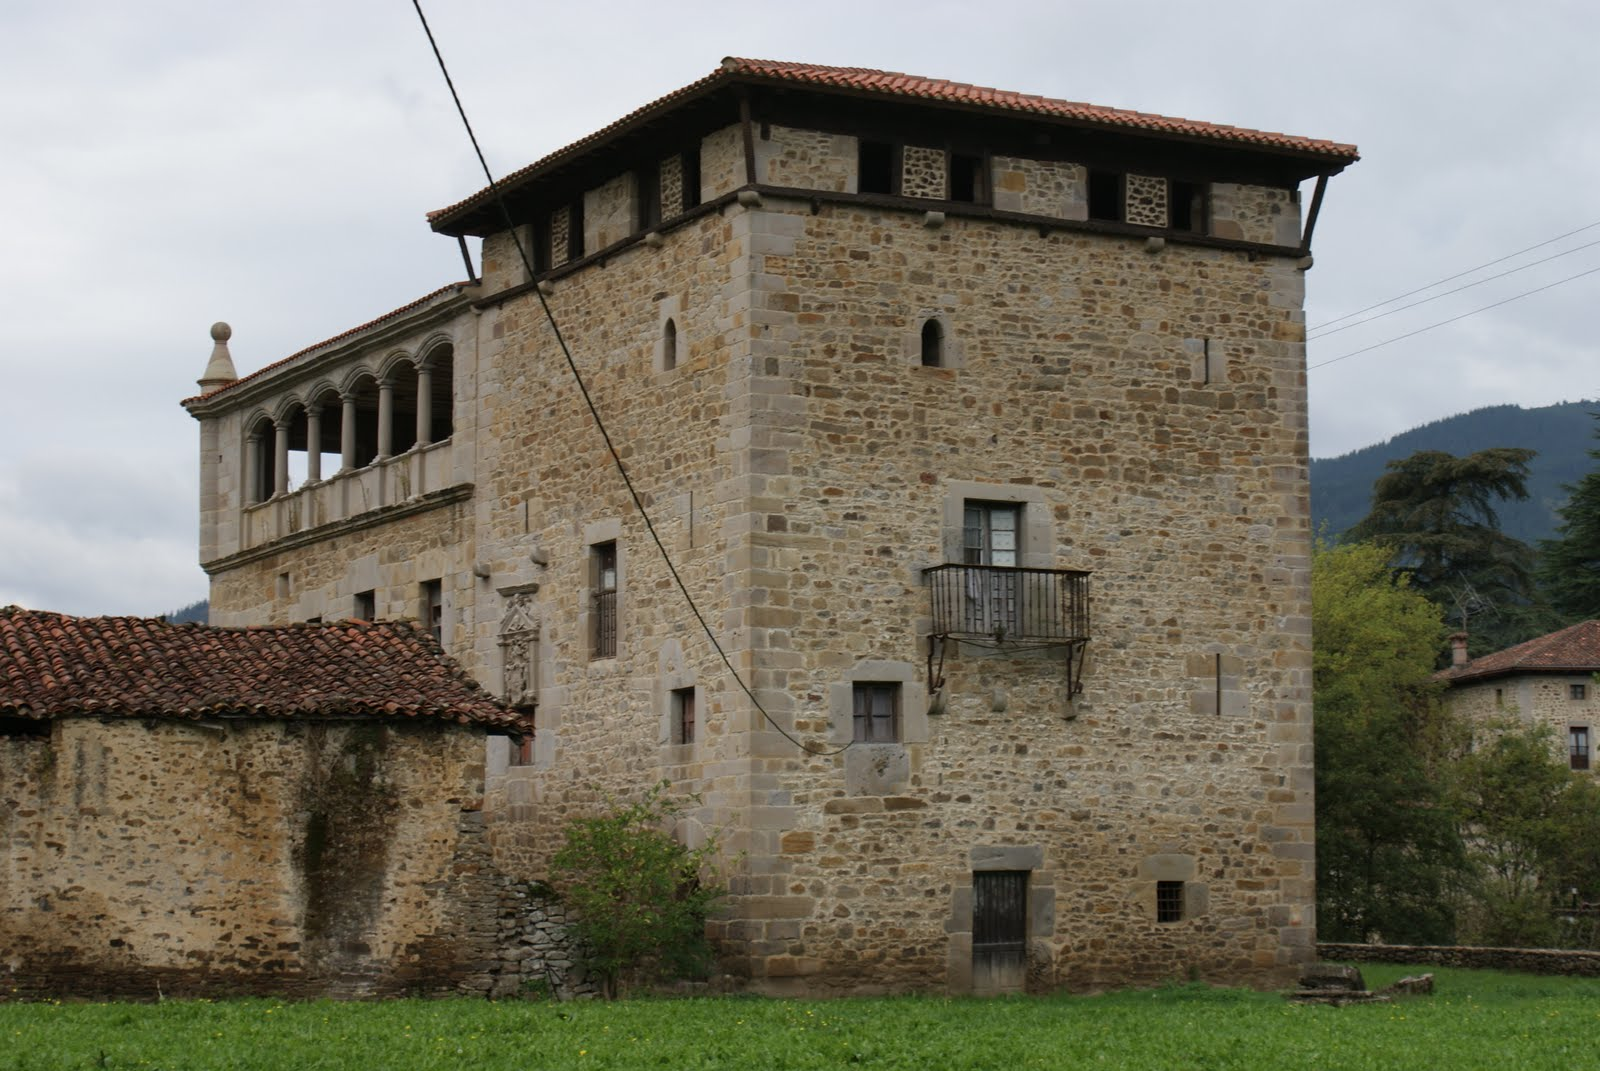 Historia en euskadi torre de oxirando gordexola for Piani di casa torre